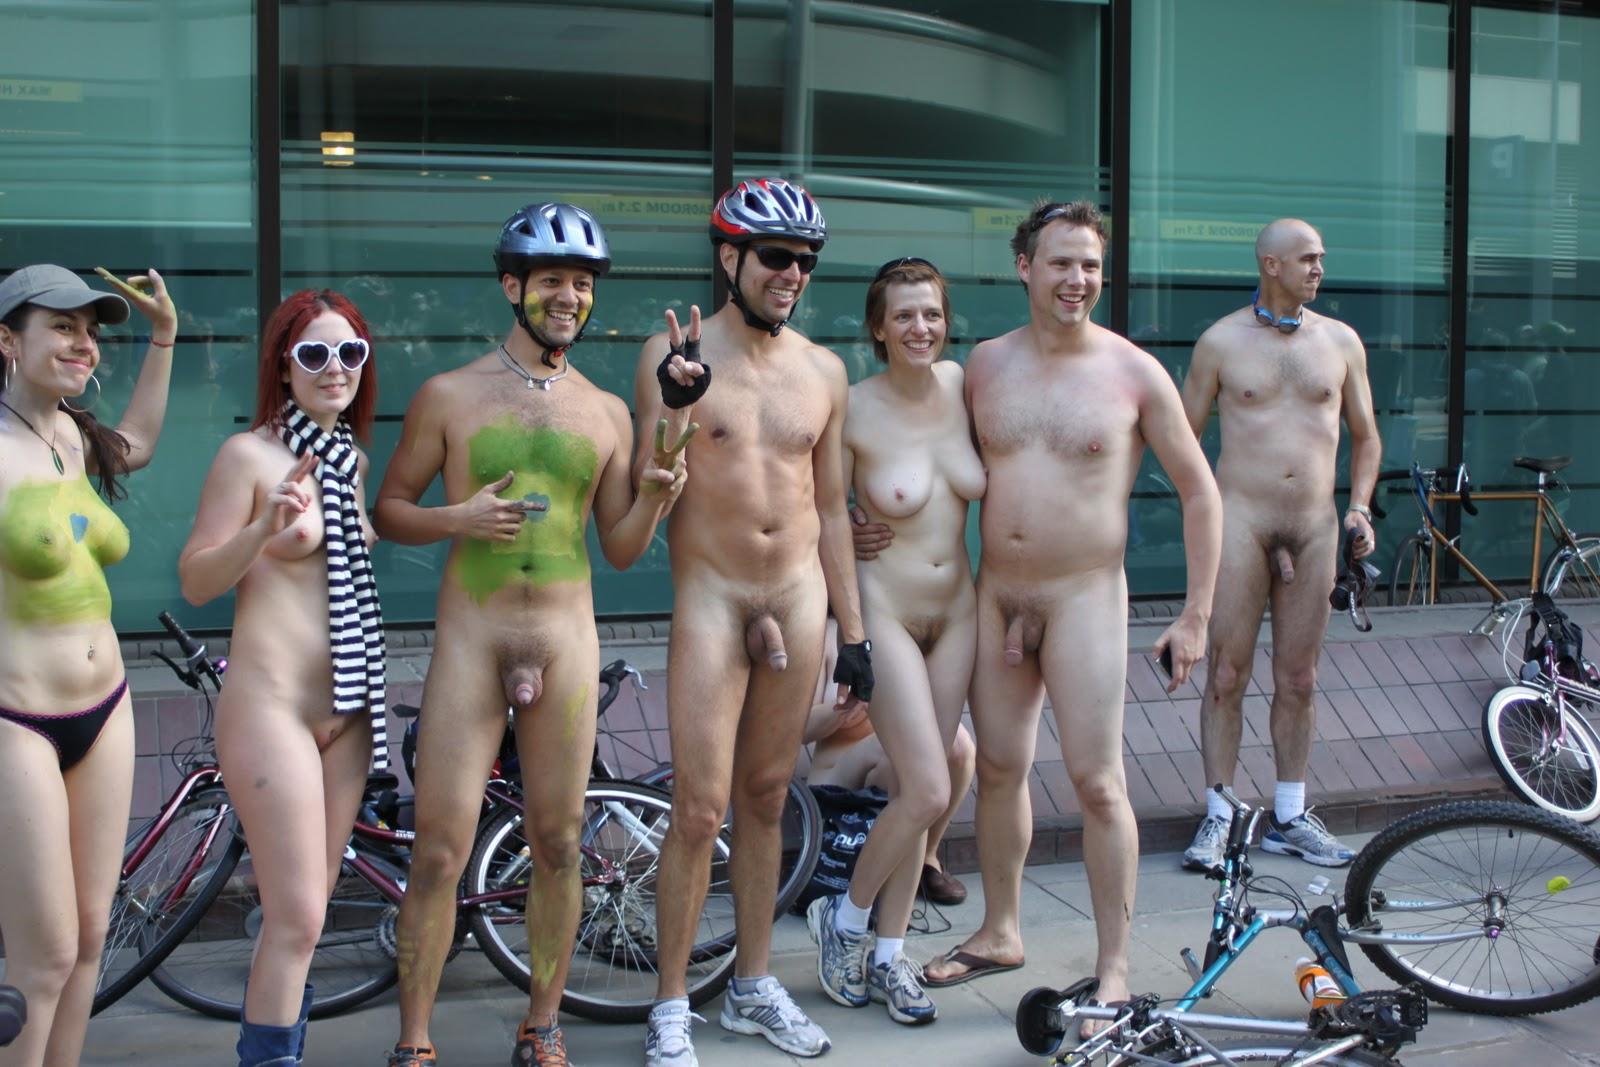 Jovencitas desnudas en pblico - Canalpornocom